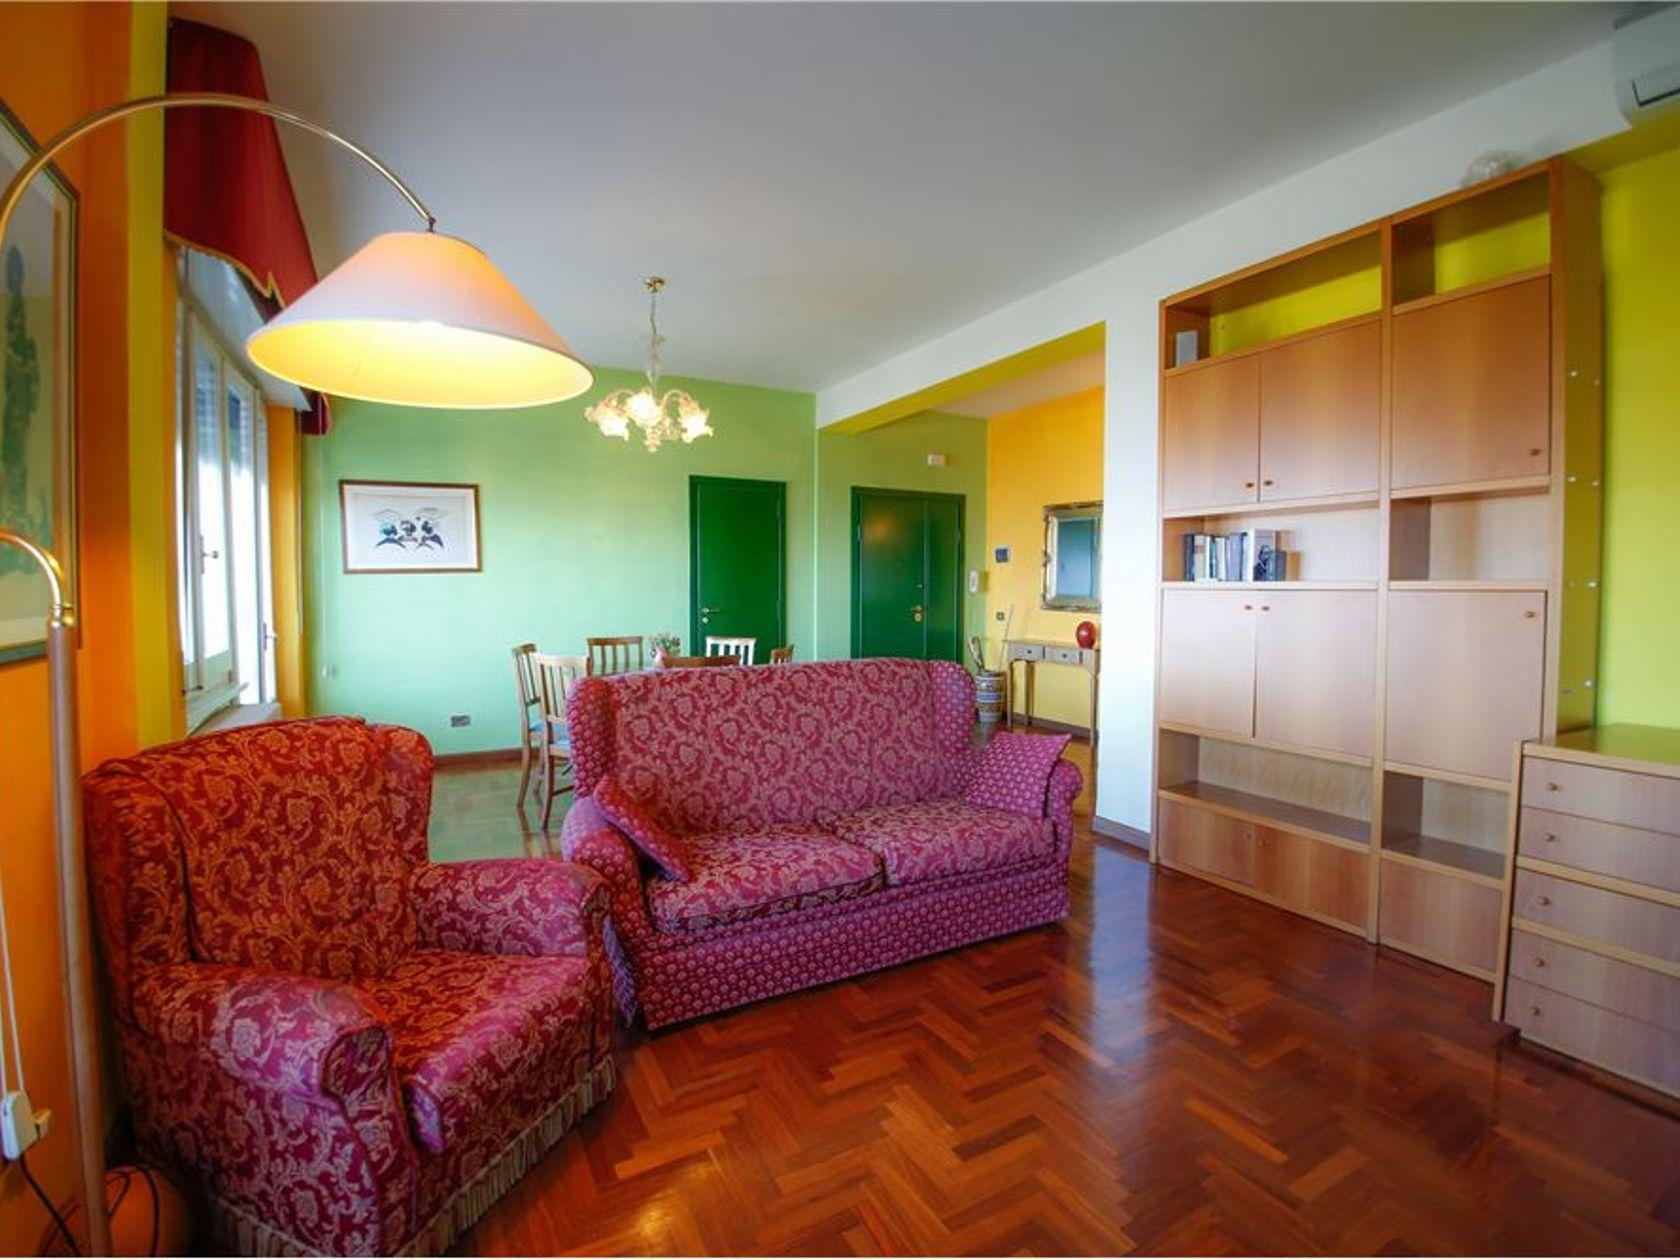 Appartamento Borgo Marfisi, Chieti, CH Vendita - Foto 2